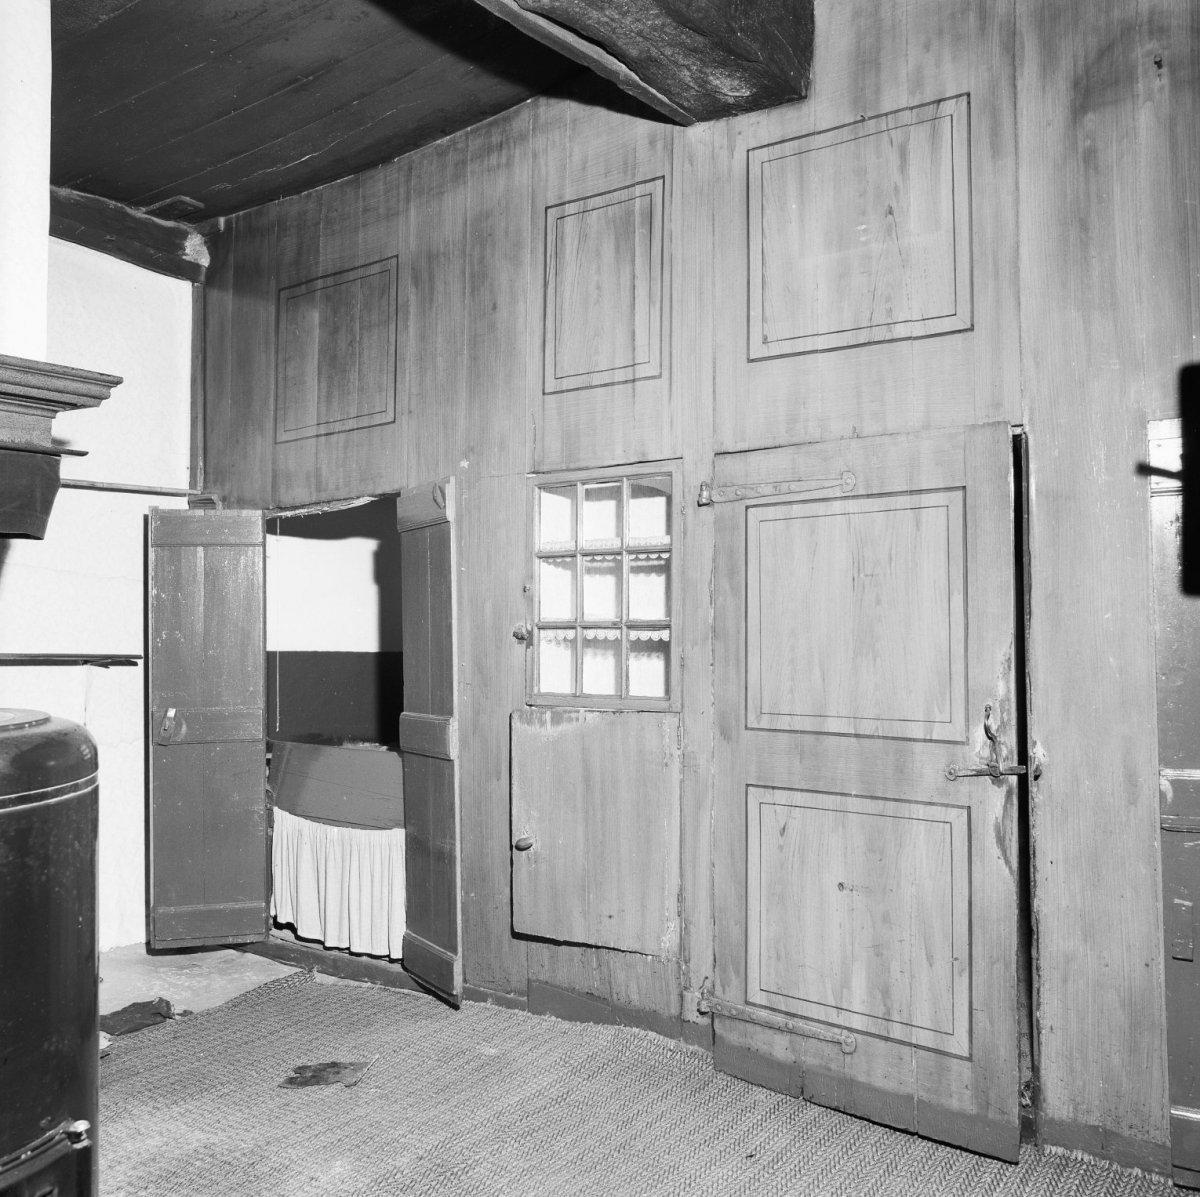 File:Interieur achterkamer, detail bedsteewand - Zweeloo - 20228220 ...